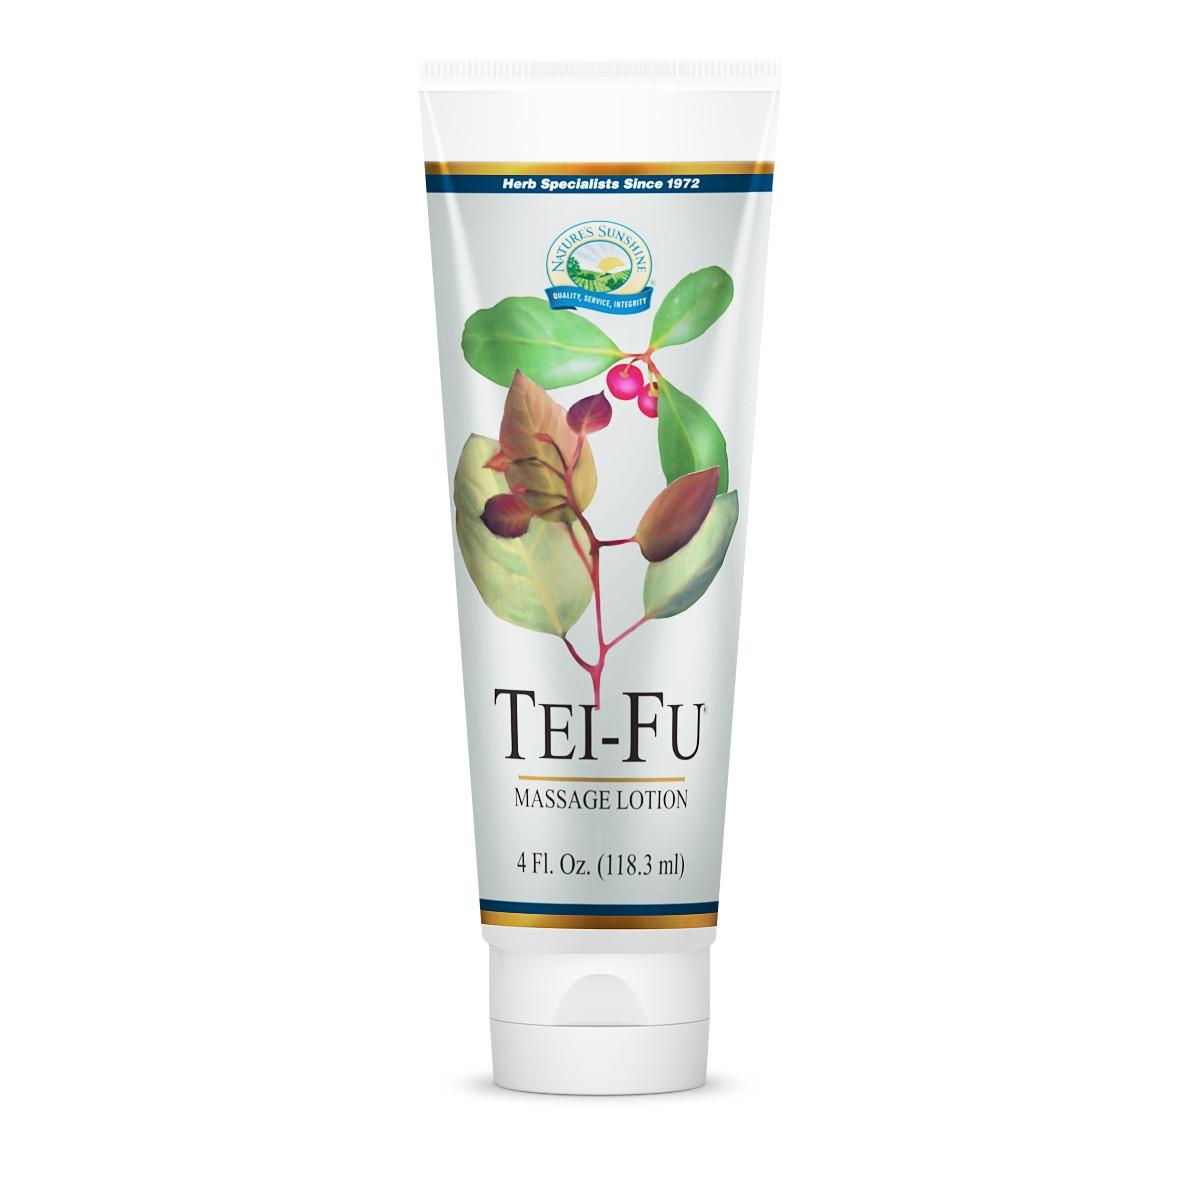 """Массажный лосьон """" Тей-Фу"""" для мышц и суставов. Tei-Fu massage Lotion. NSP, НСП, США"""